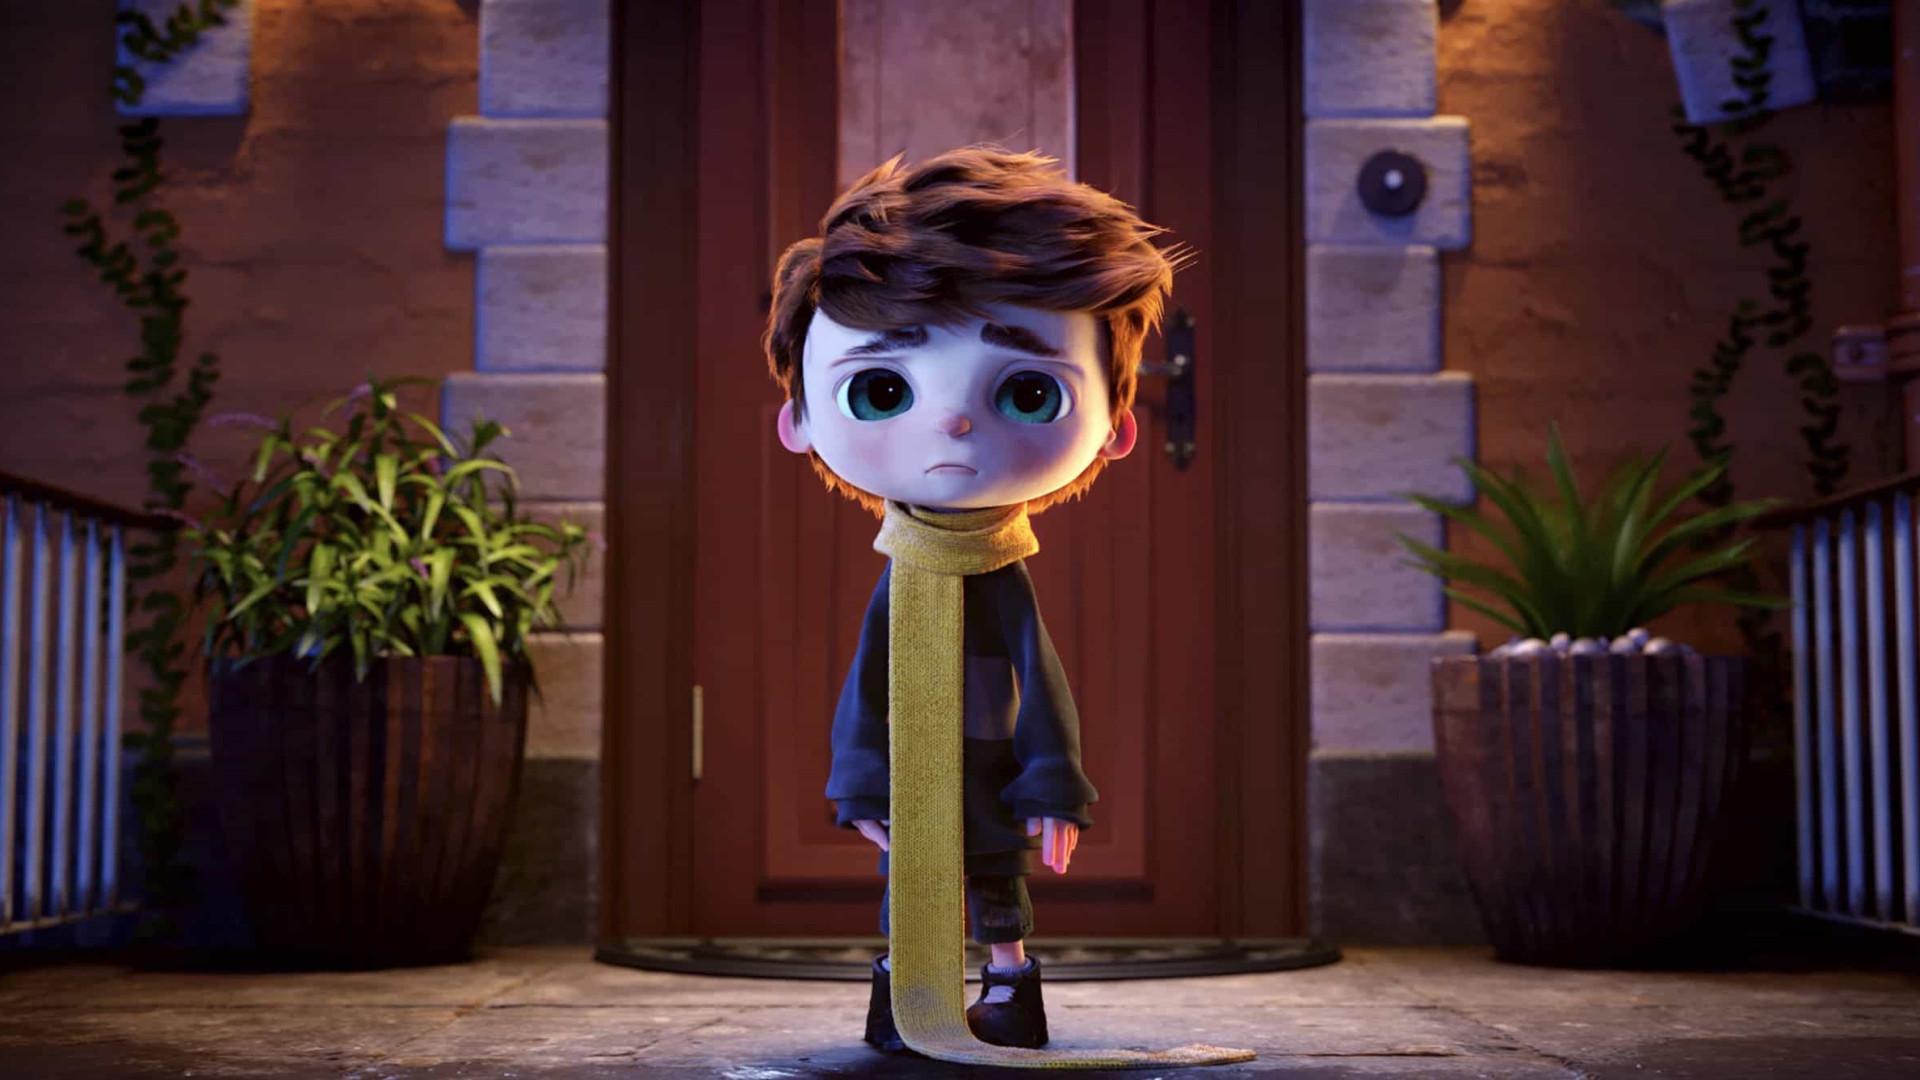 Animação brasileira 'Umbrella' quer seduzir o Oscar com clima meloso